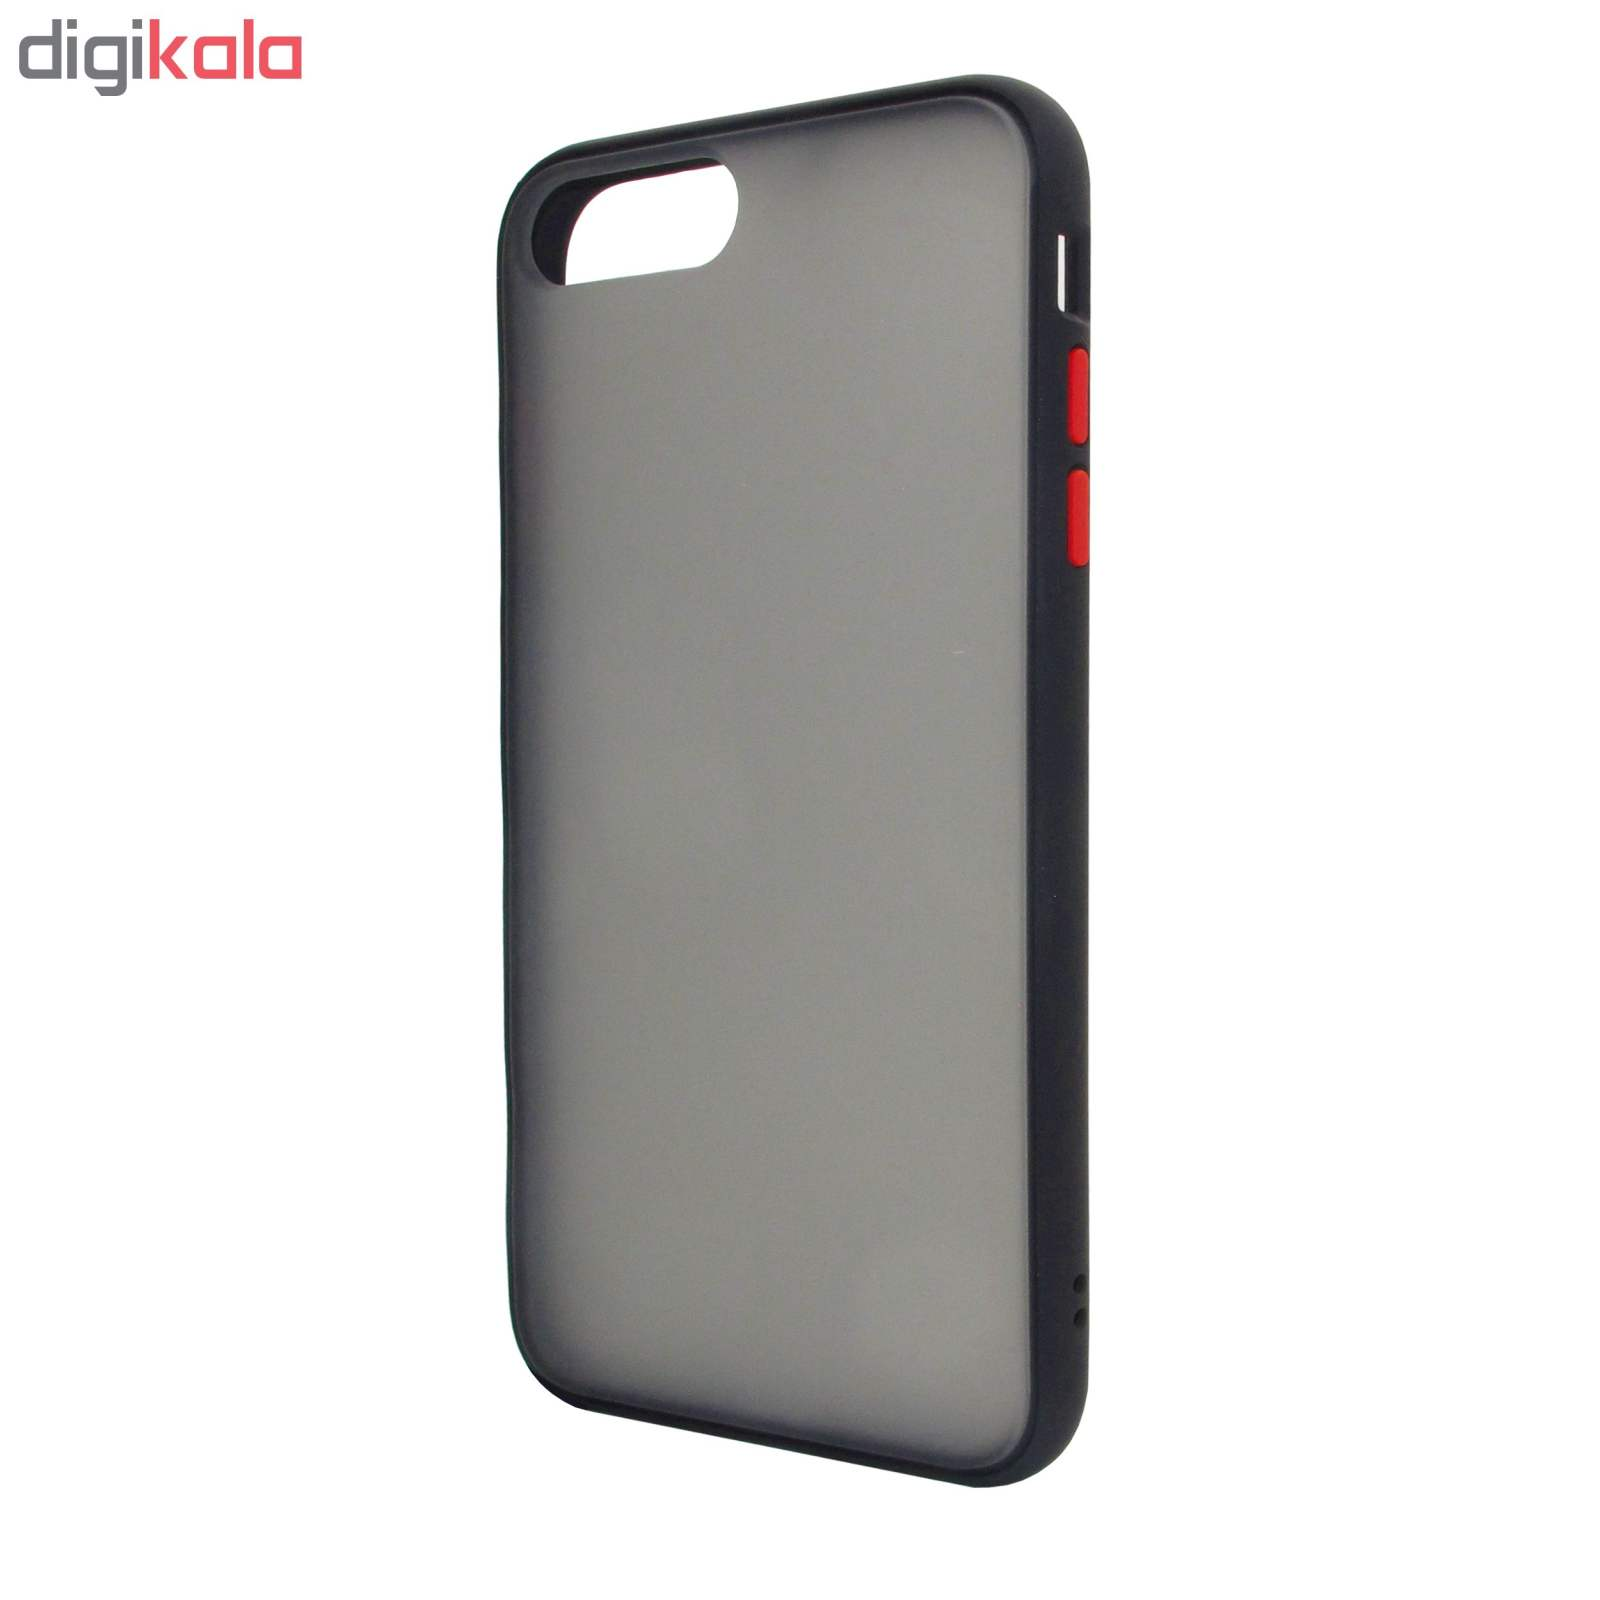 کاور مدل GS-MC مناسب برای گوشی موبایل اپل Iphone 7Plus/8 plus main 1 1